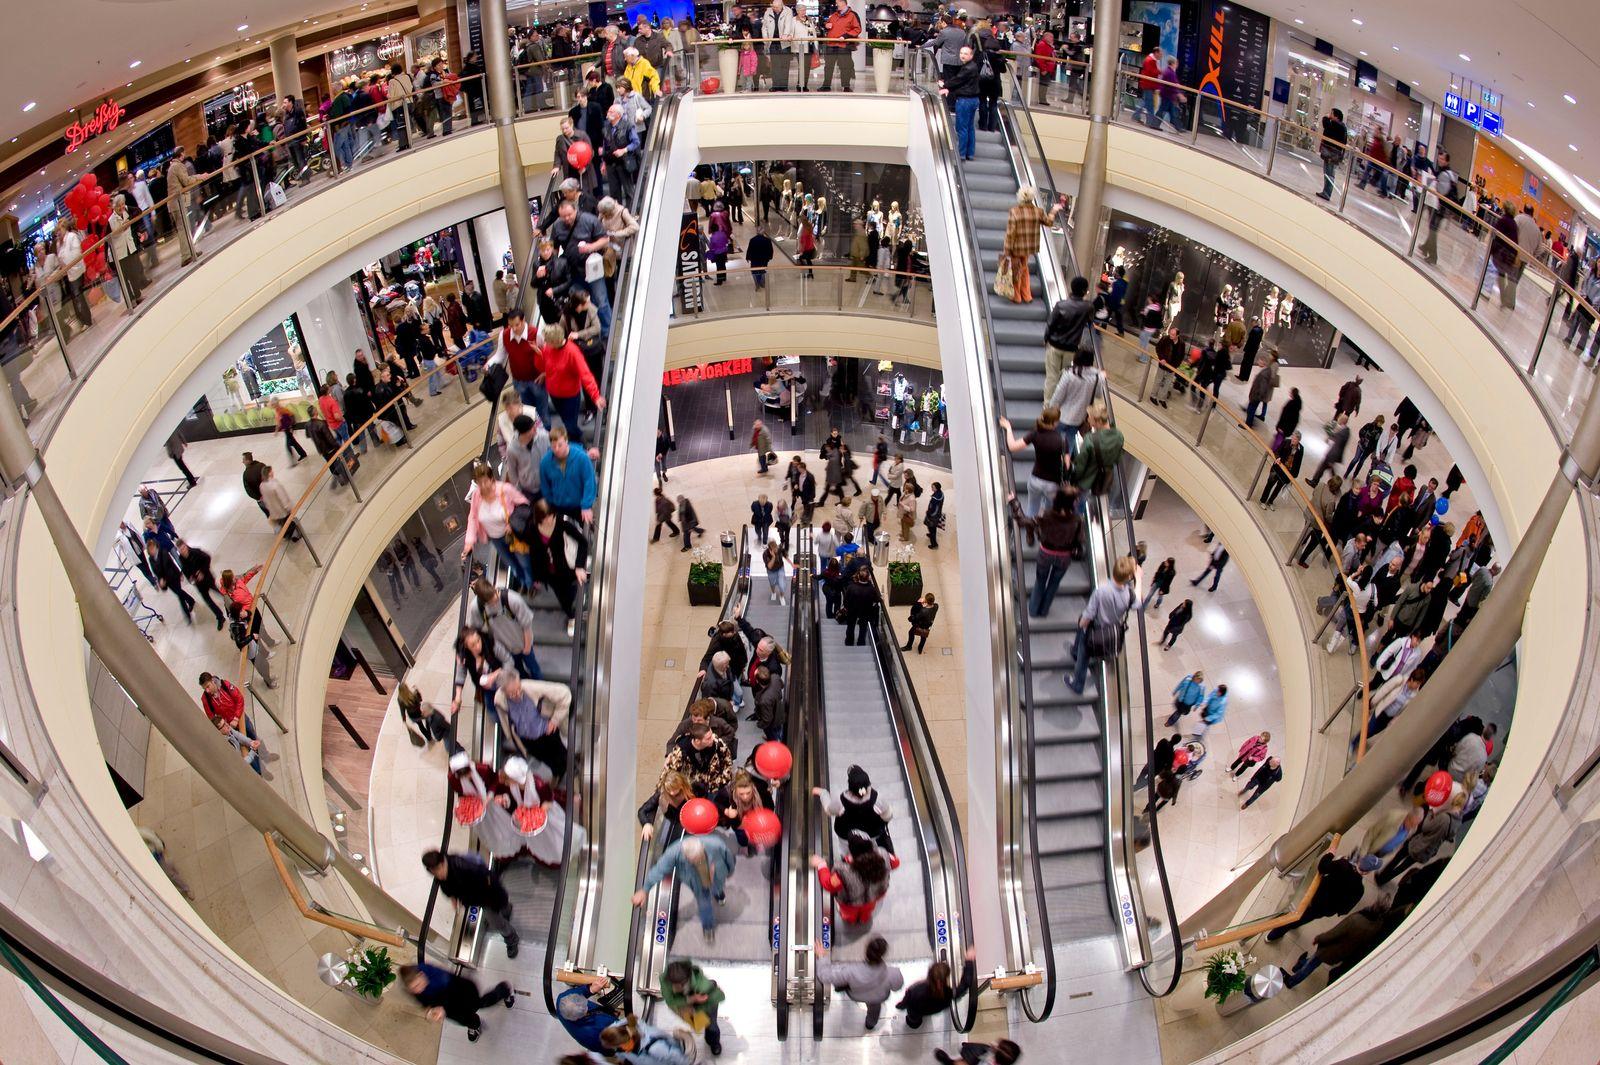 Einkaufszentrum / Konjunktur/Konsum/Verbraucher / Kaufrausch